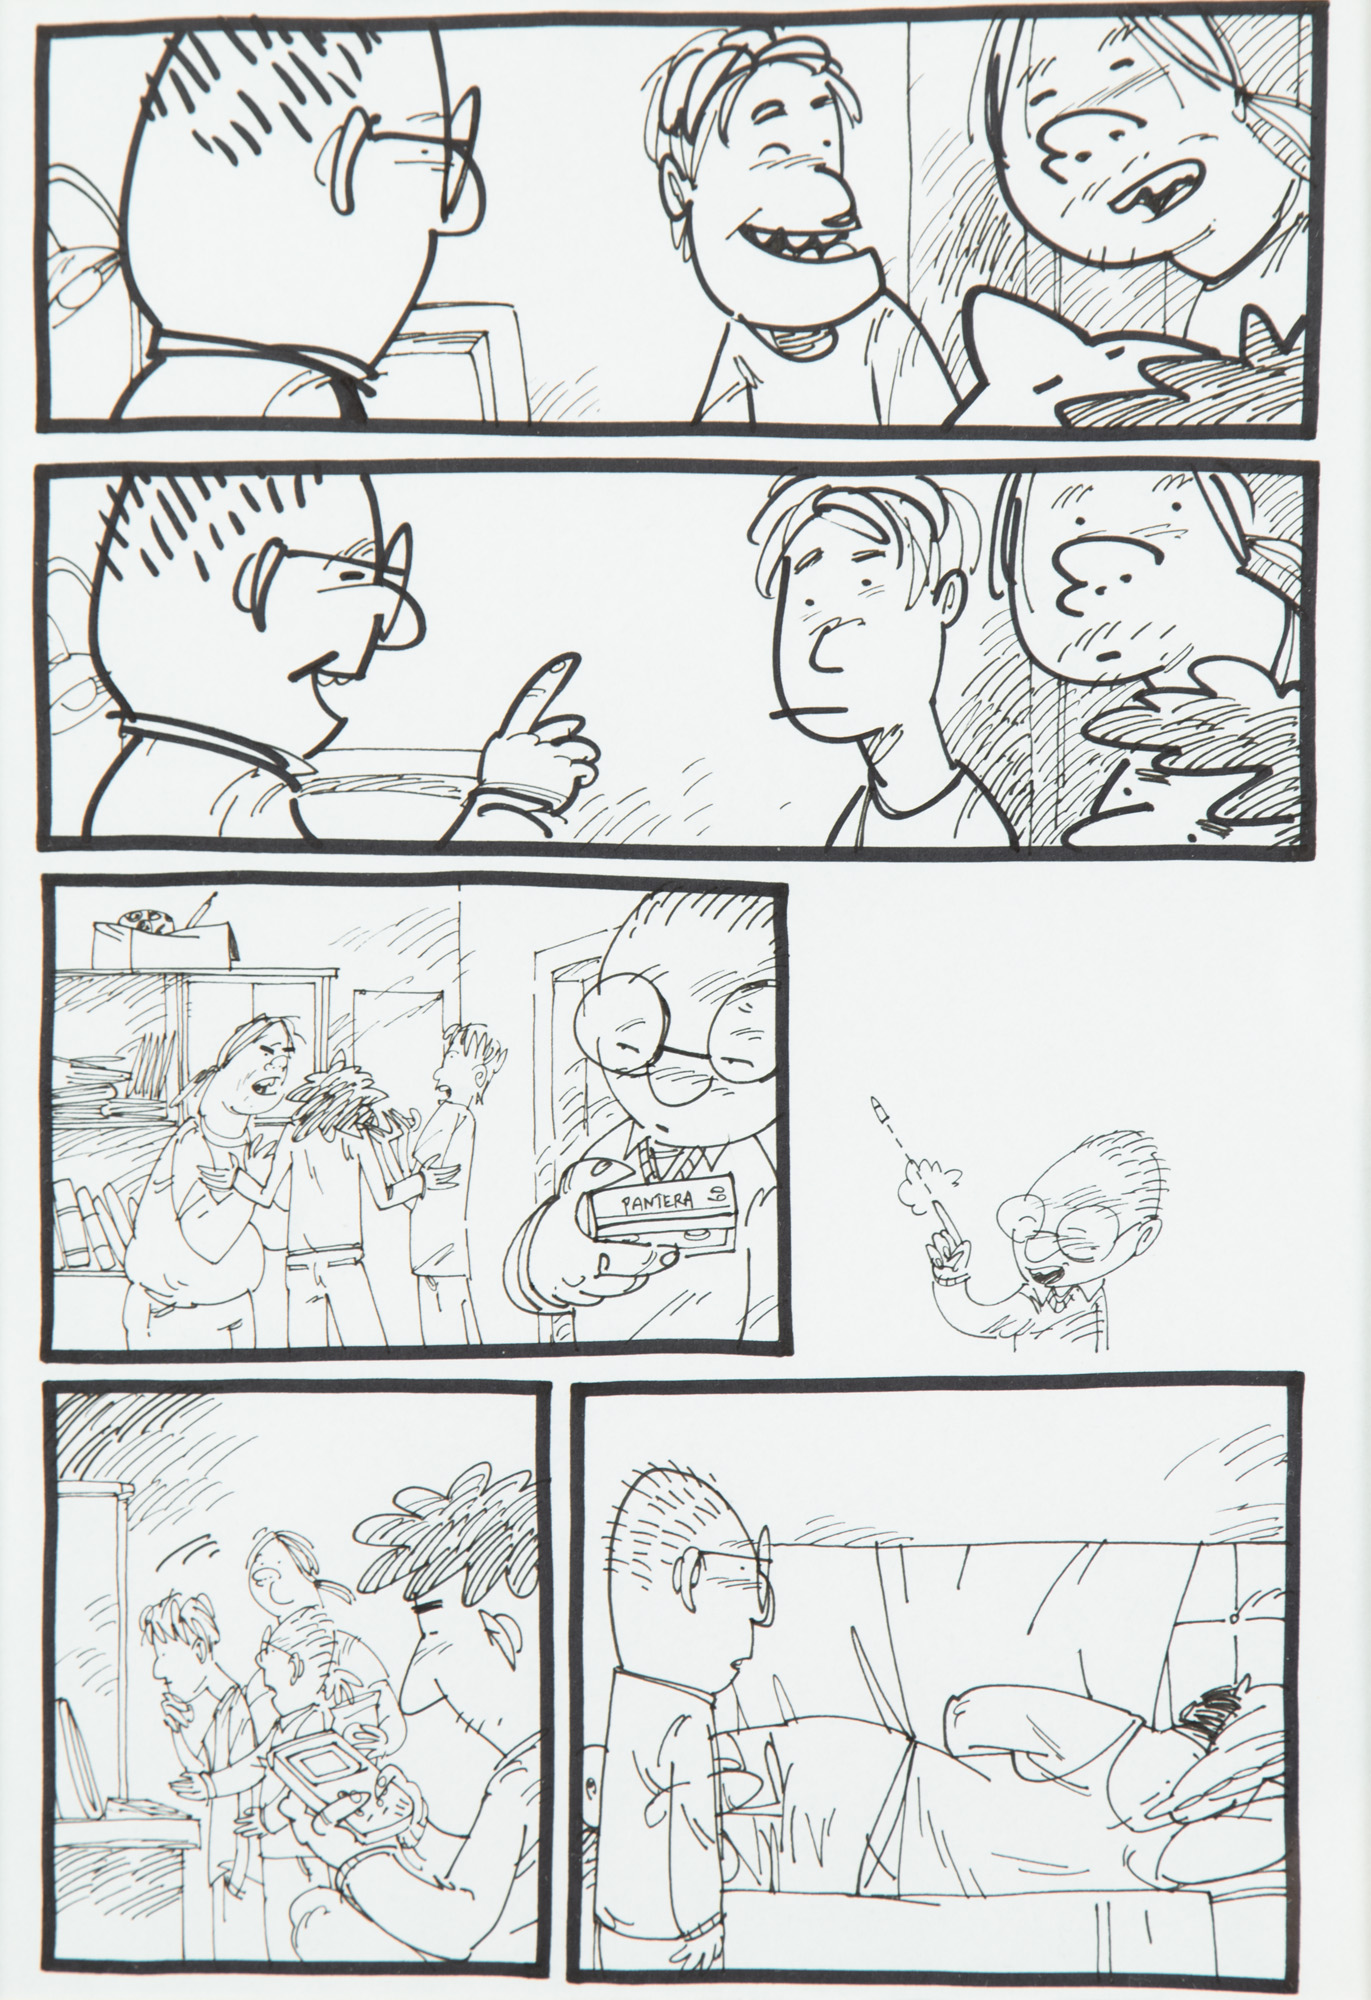 """""""Na szybko spisane"""" - plansza komiksowa, około2000"""